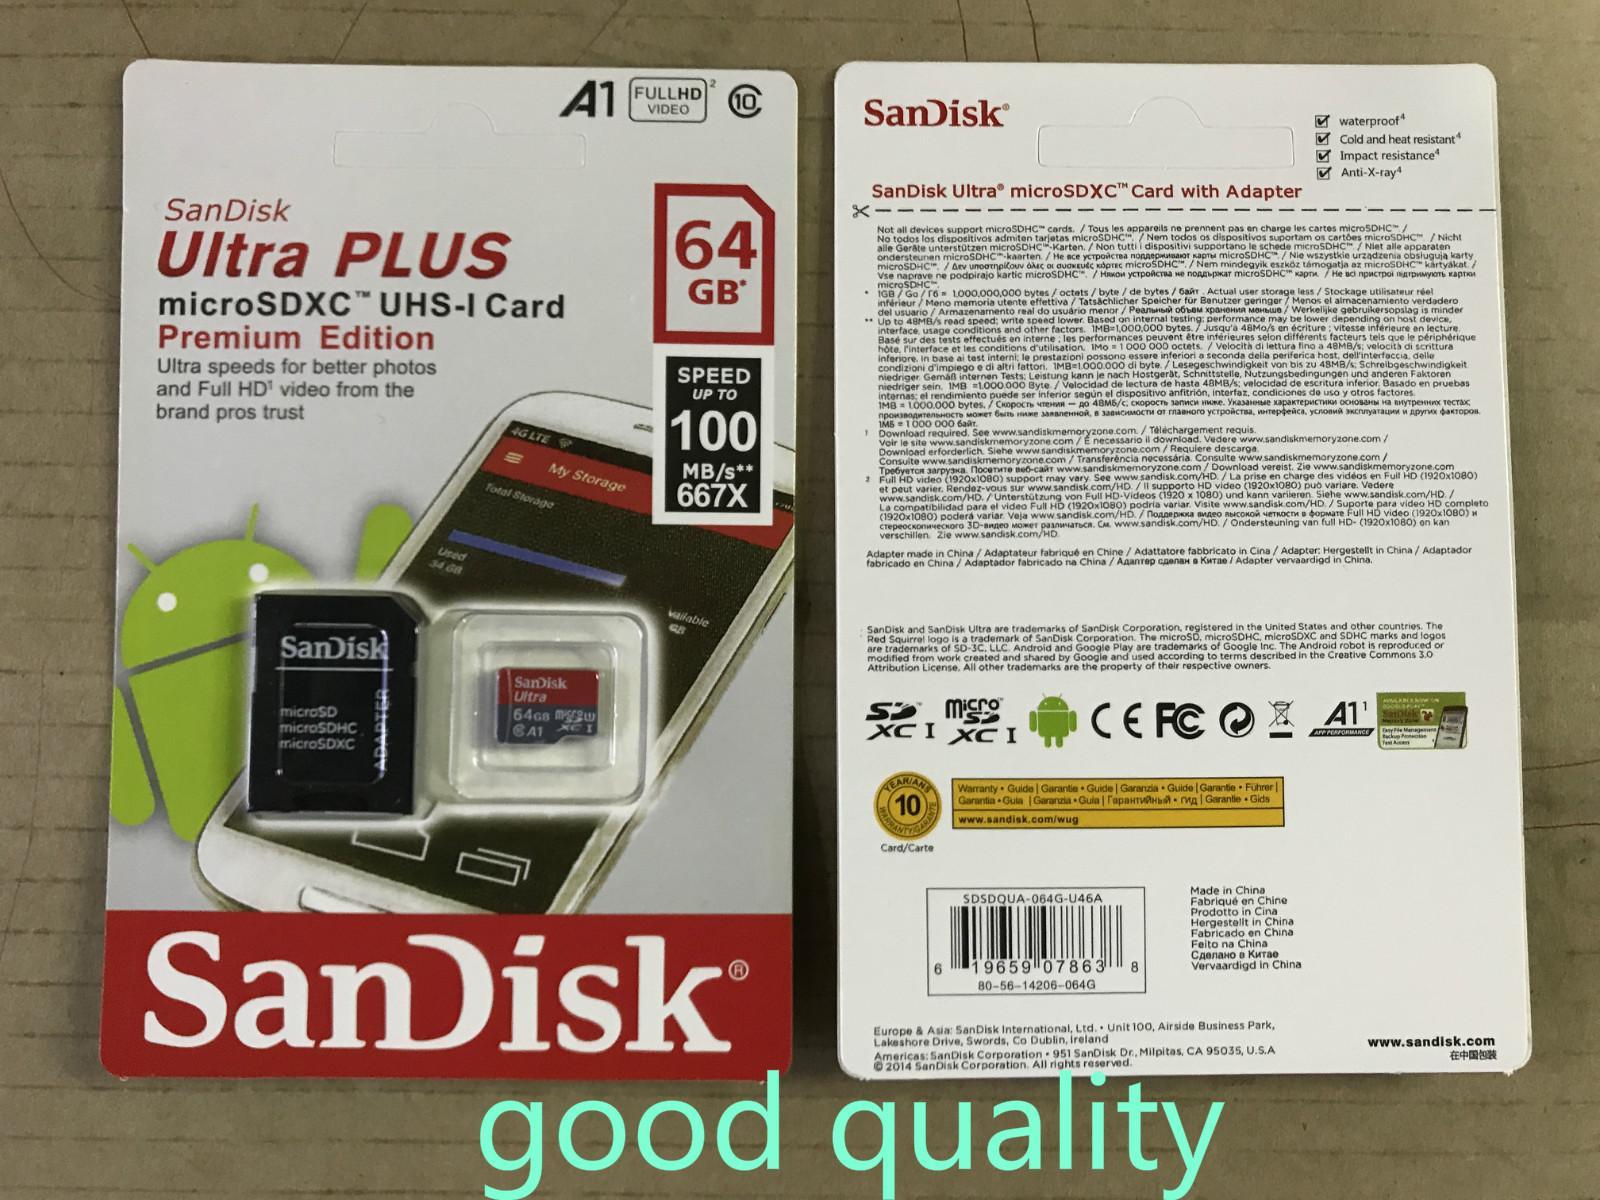 8GB / 16GB / 32GB / 64GB / 128GB / 256GB SDK الأصل بطاقة مايكرو التنمية المستدامة / بطاقة PC TF C10 / الفعلية بطاقة ذاكرة ذات سعة / SDXC بطاقة تخزين 100MB / S